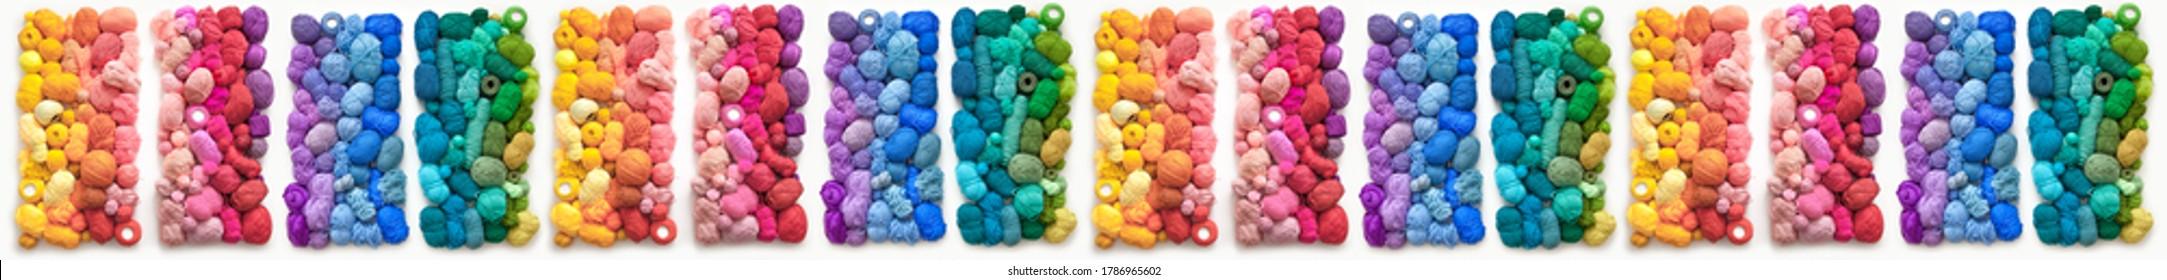 Viele bunte Bälle aus Wolle und Baumwollgarn zum Stricken. Weißer Hintergrund. Stretch und Farbverlauf. Regenbogenlayout.